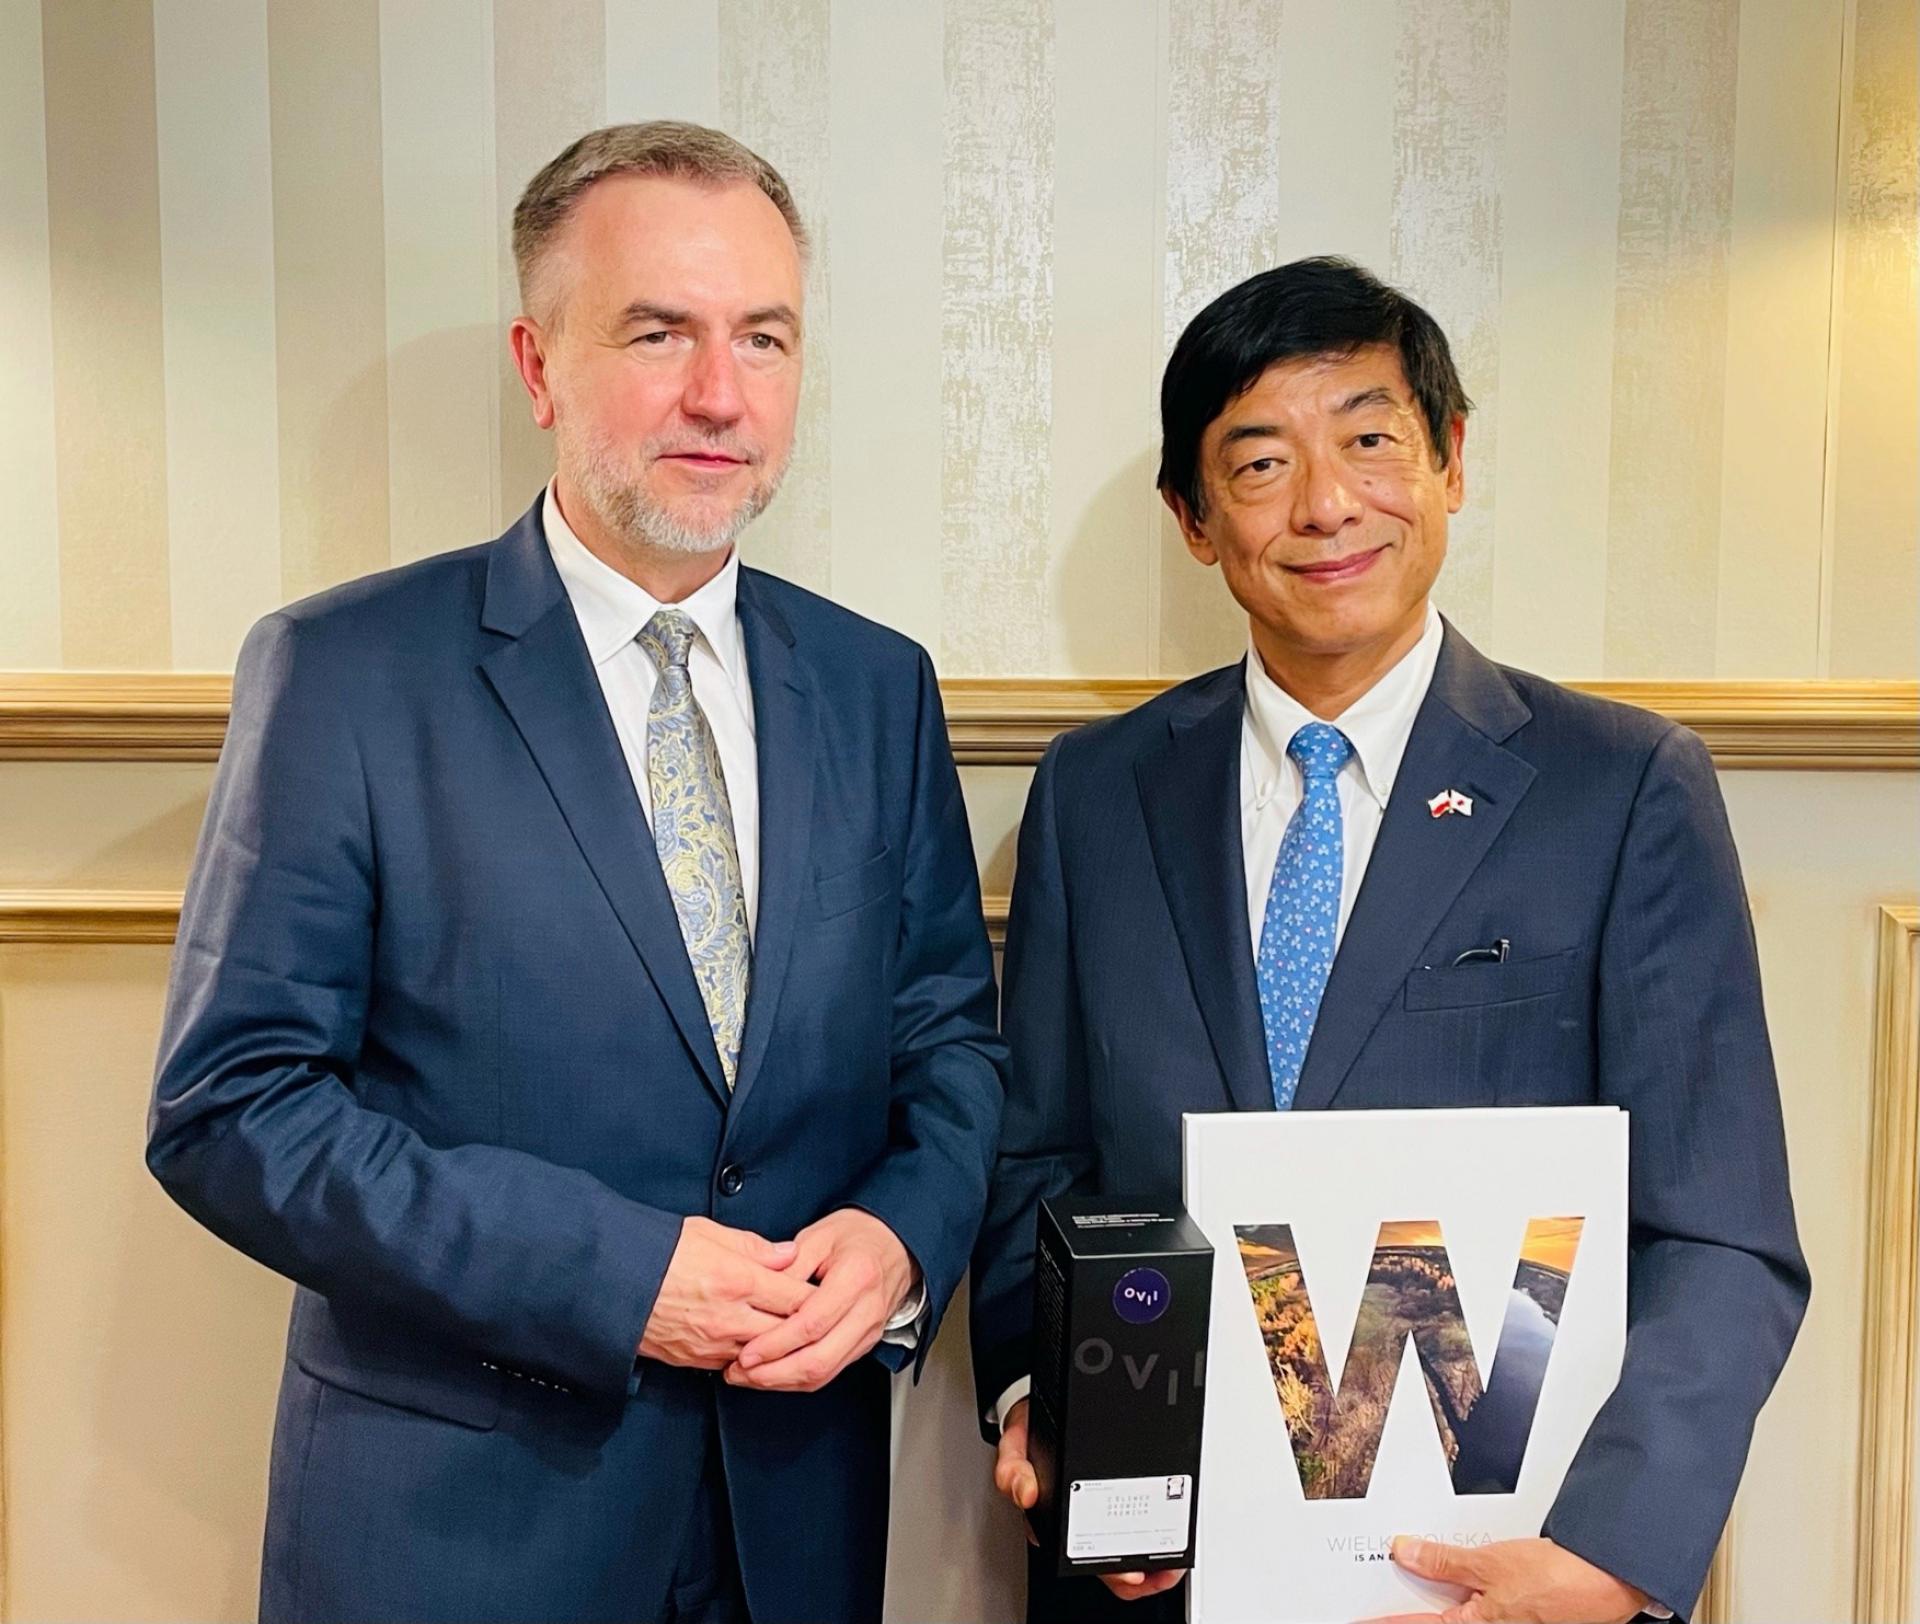 Wizyta Ambasadora Japonii w Wielkopolsce. Z Marszałkiem Markiem Woźniakiem rozmawiali o współpracy i… sumo - zobacz więcej